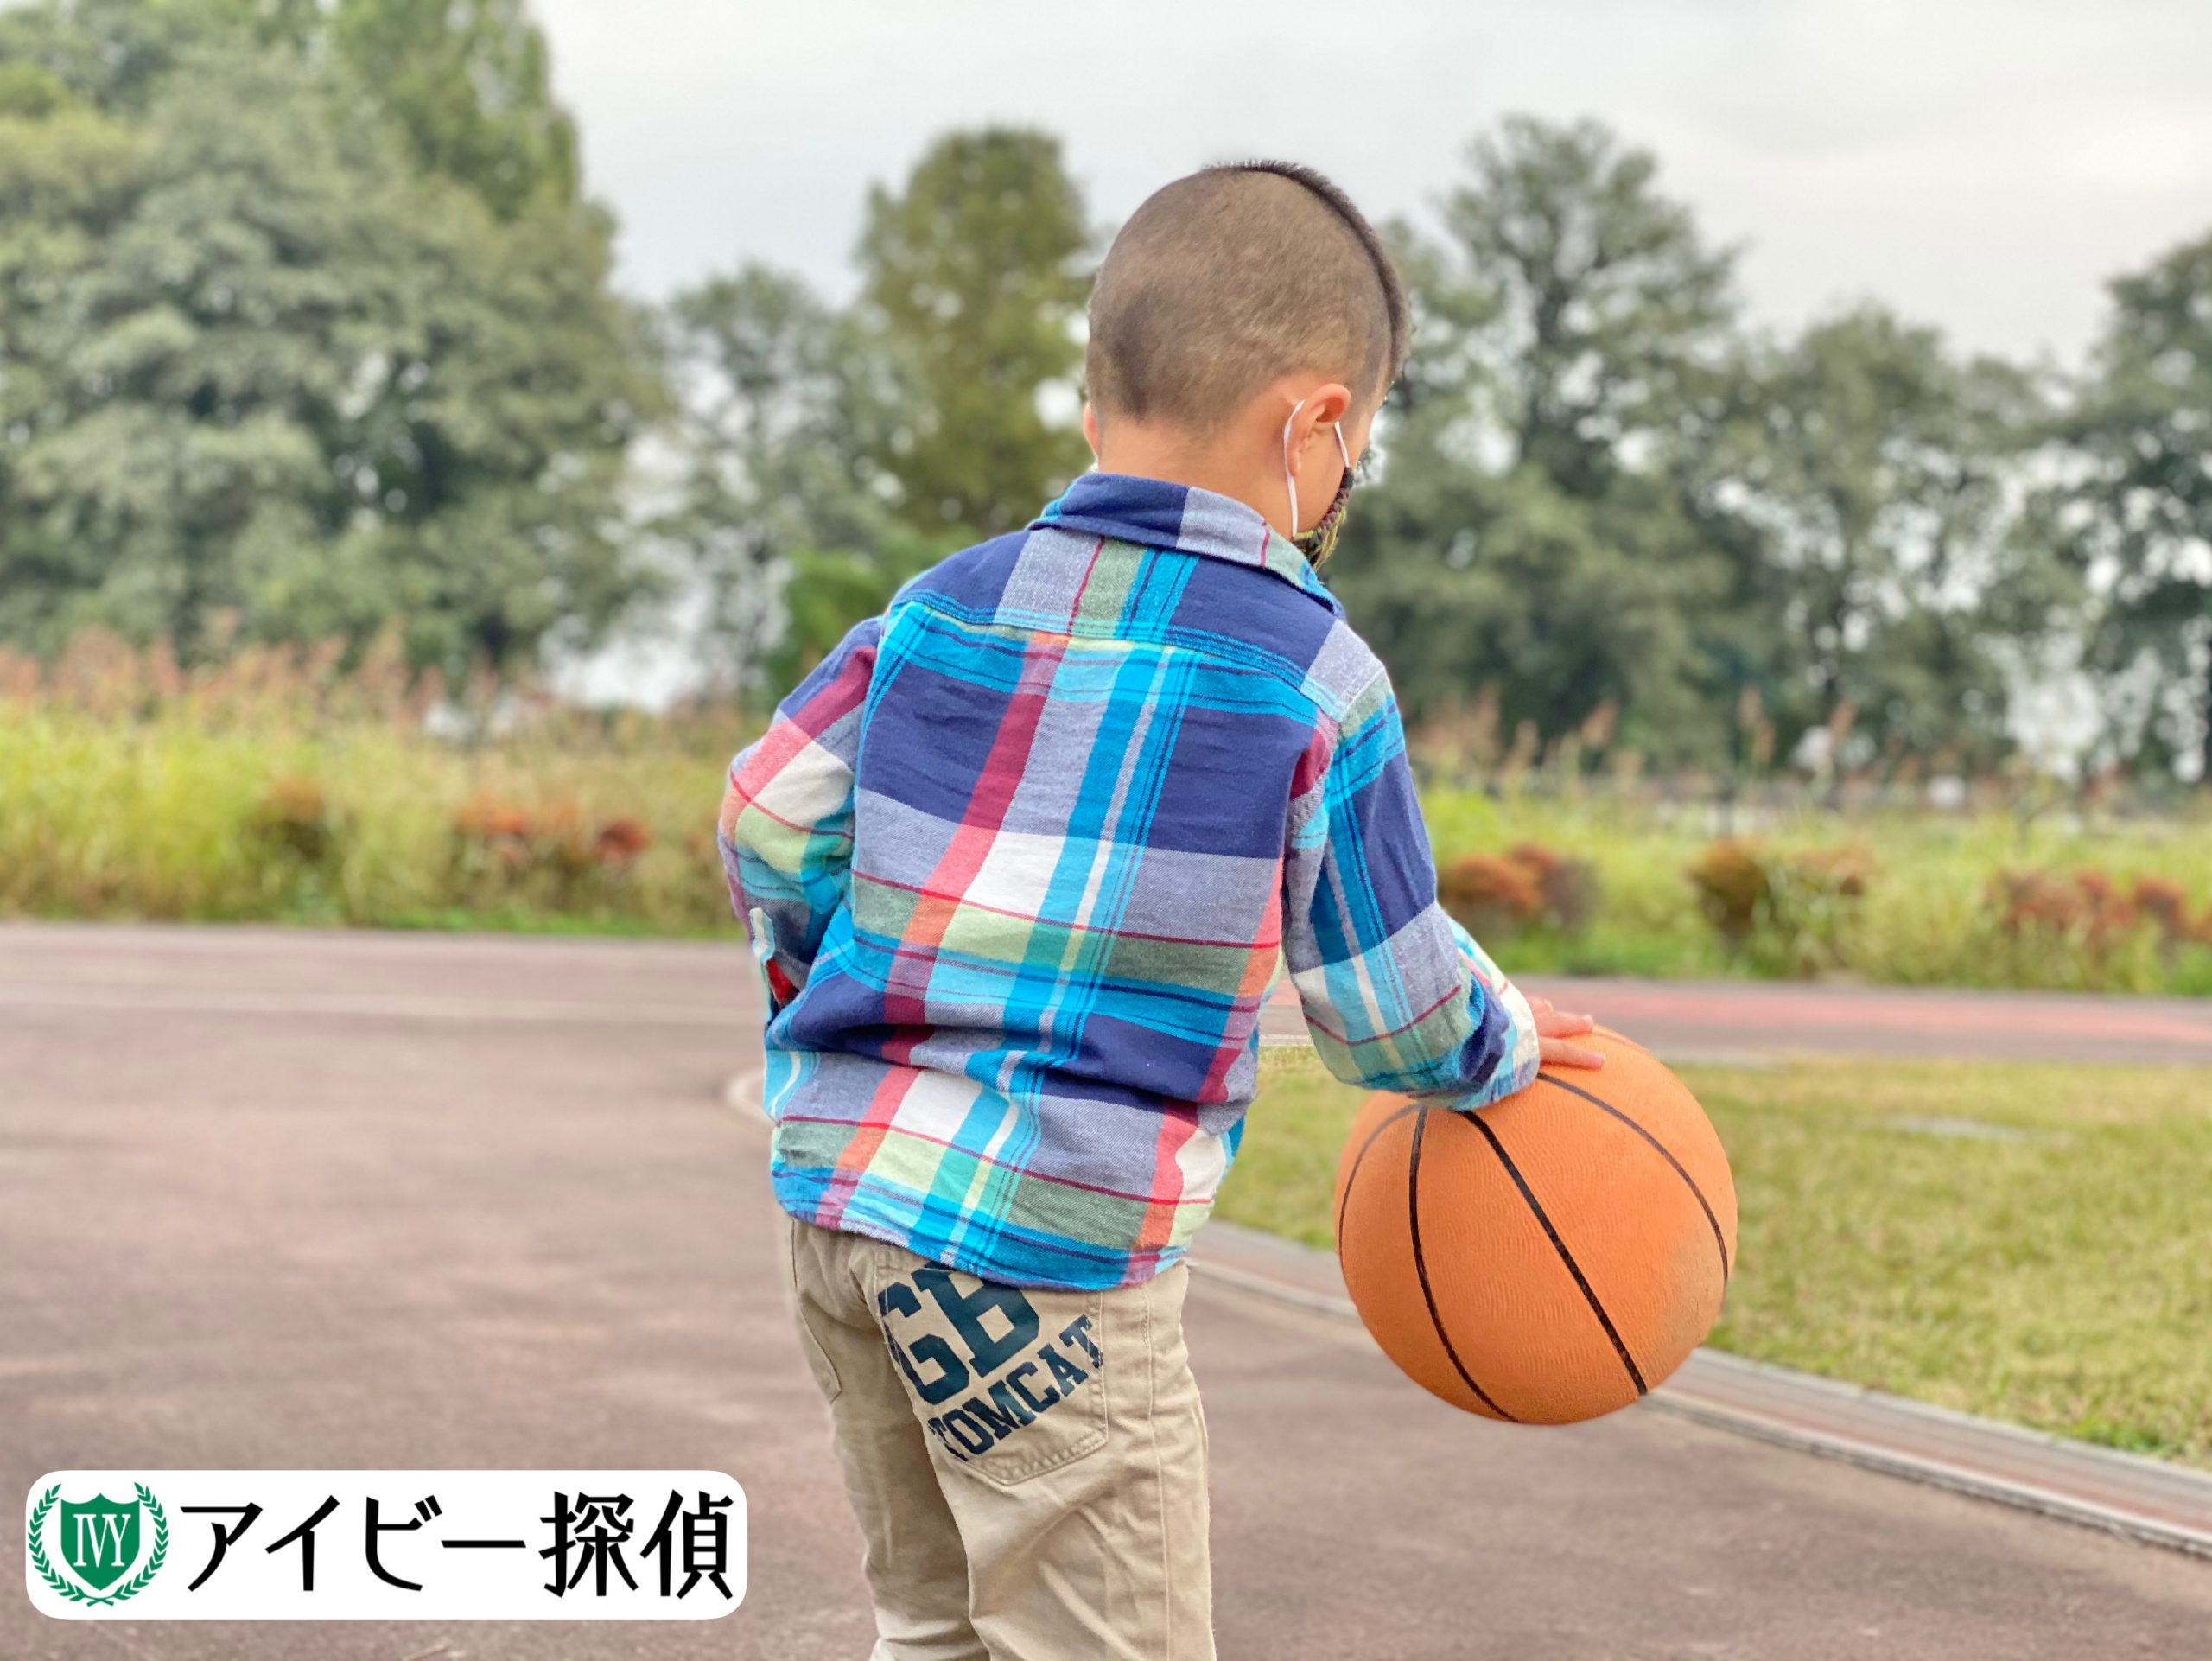 和希のバスケ(広告)